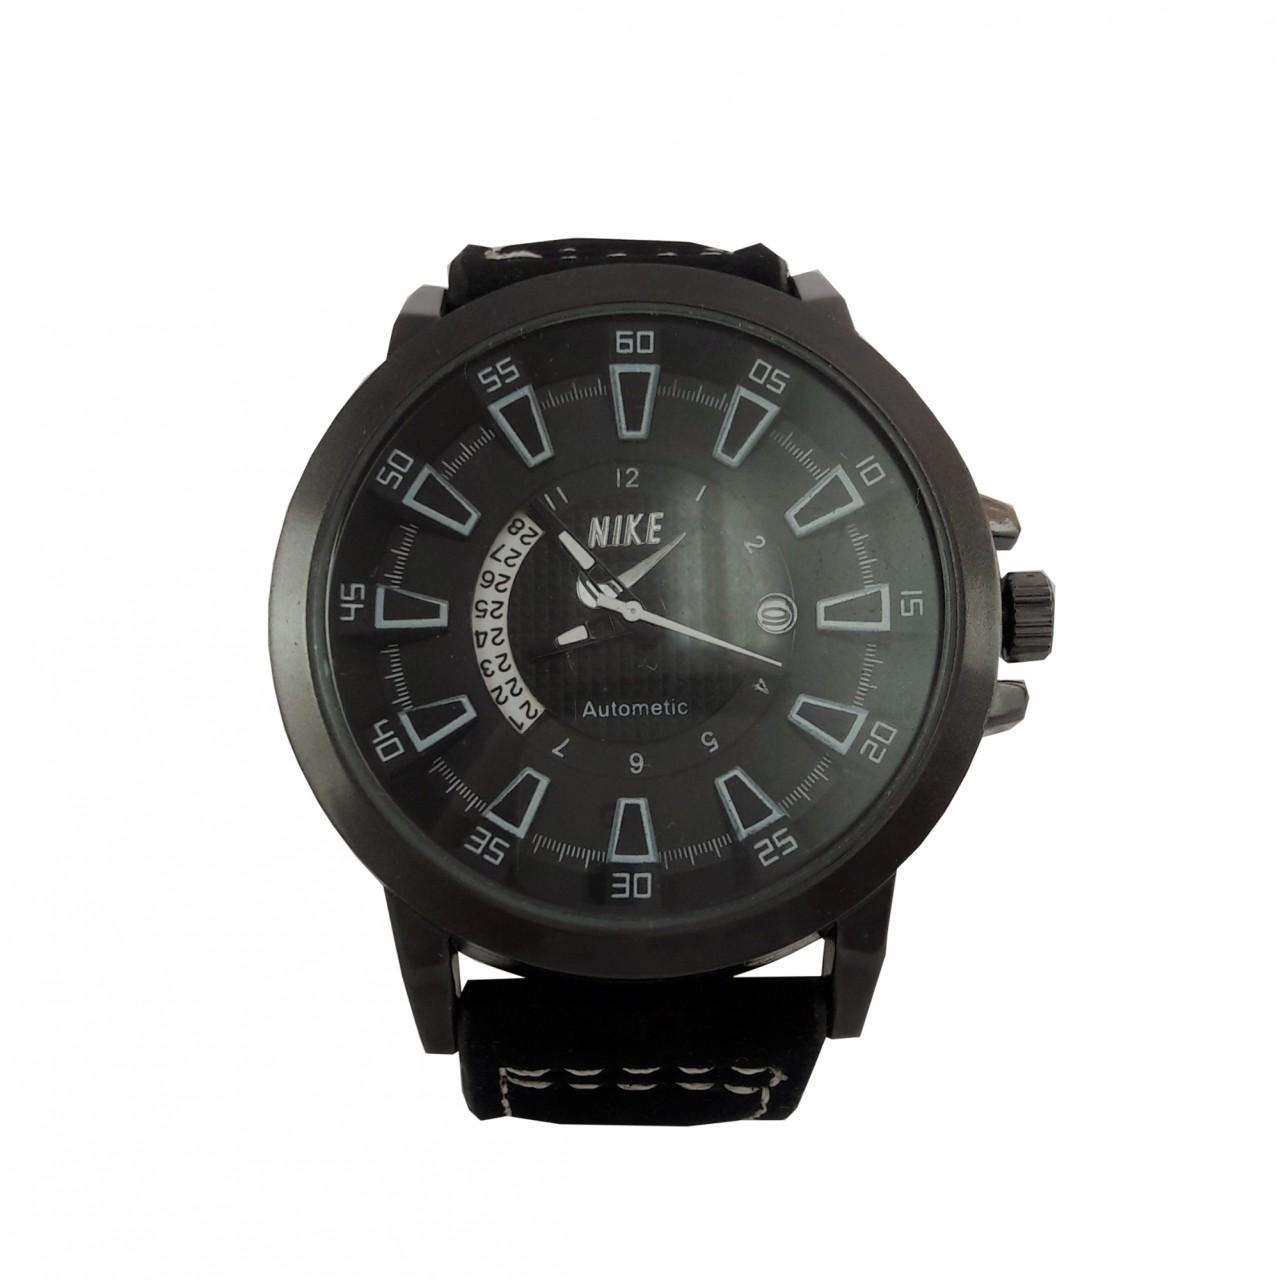 Fecha PerúReloj Accesorios Relojes Automatic Correa Negra Y Con En zMVqSpU